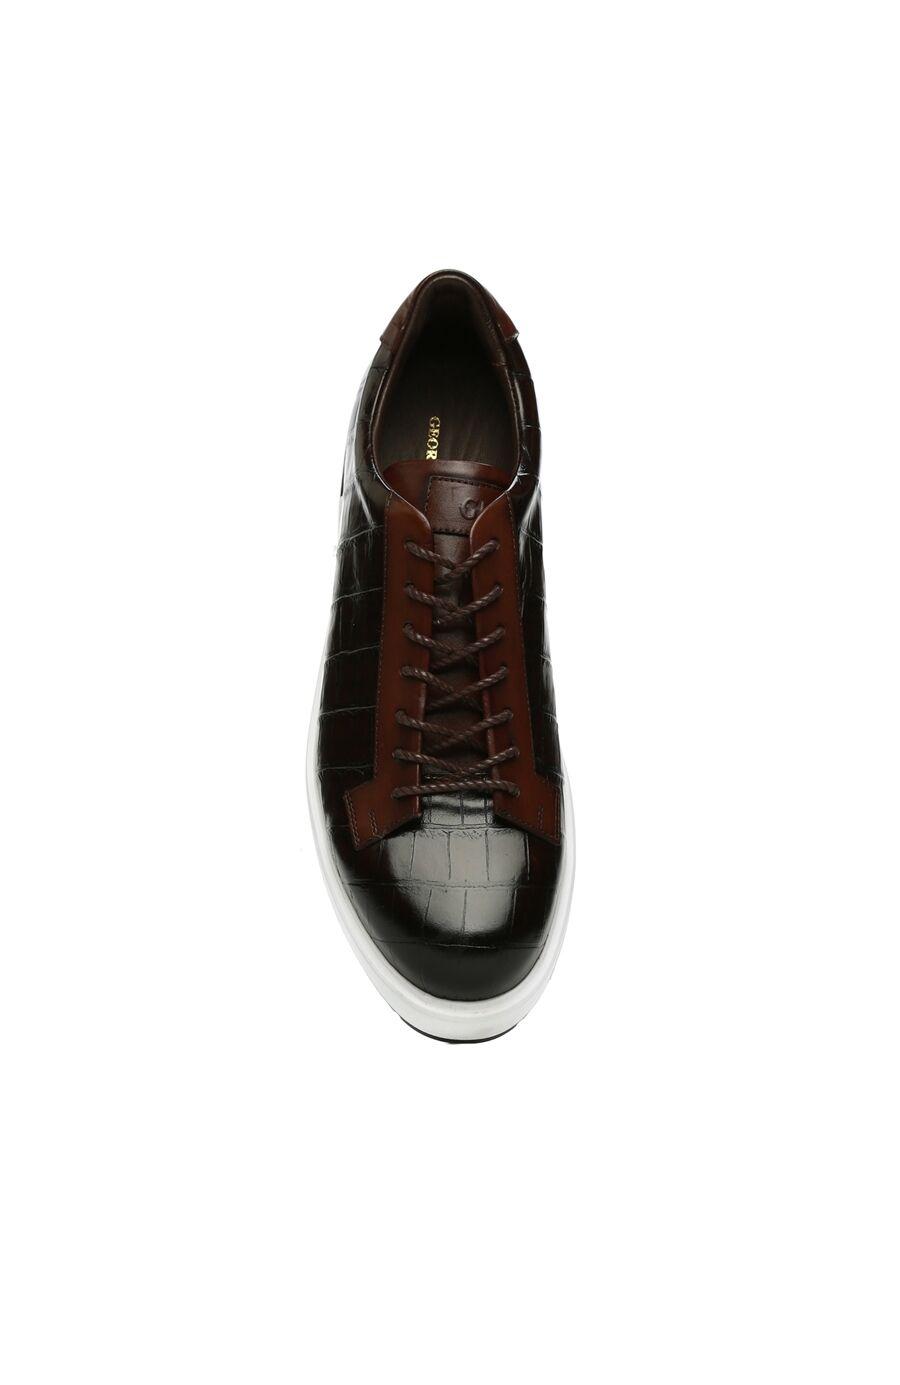 Kahverengi Krokodil Dokulu Erkek Deri Ayakkabı